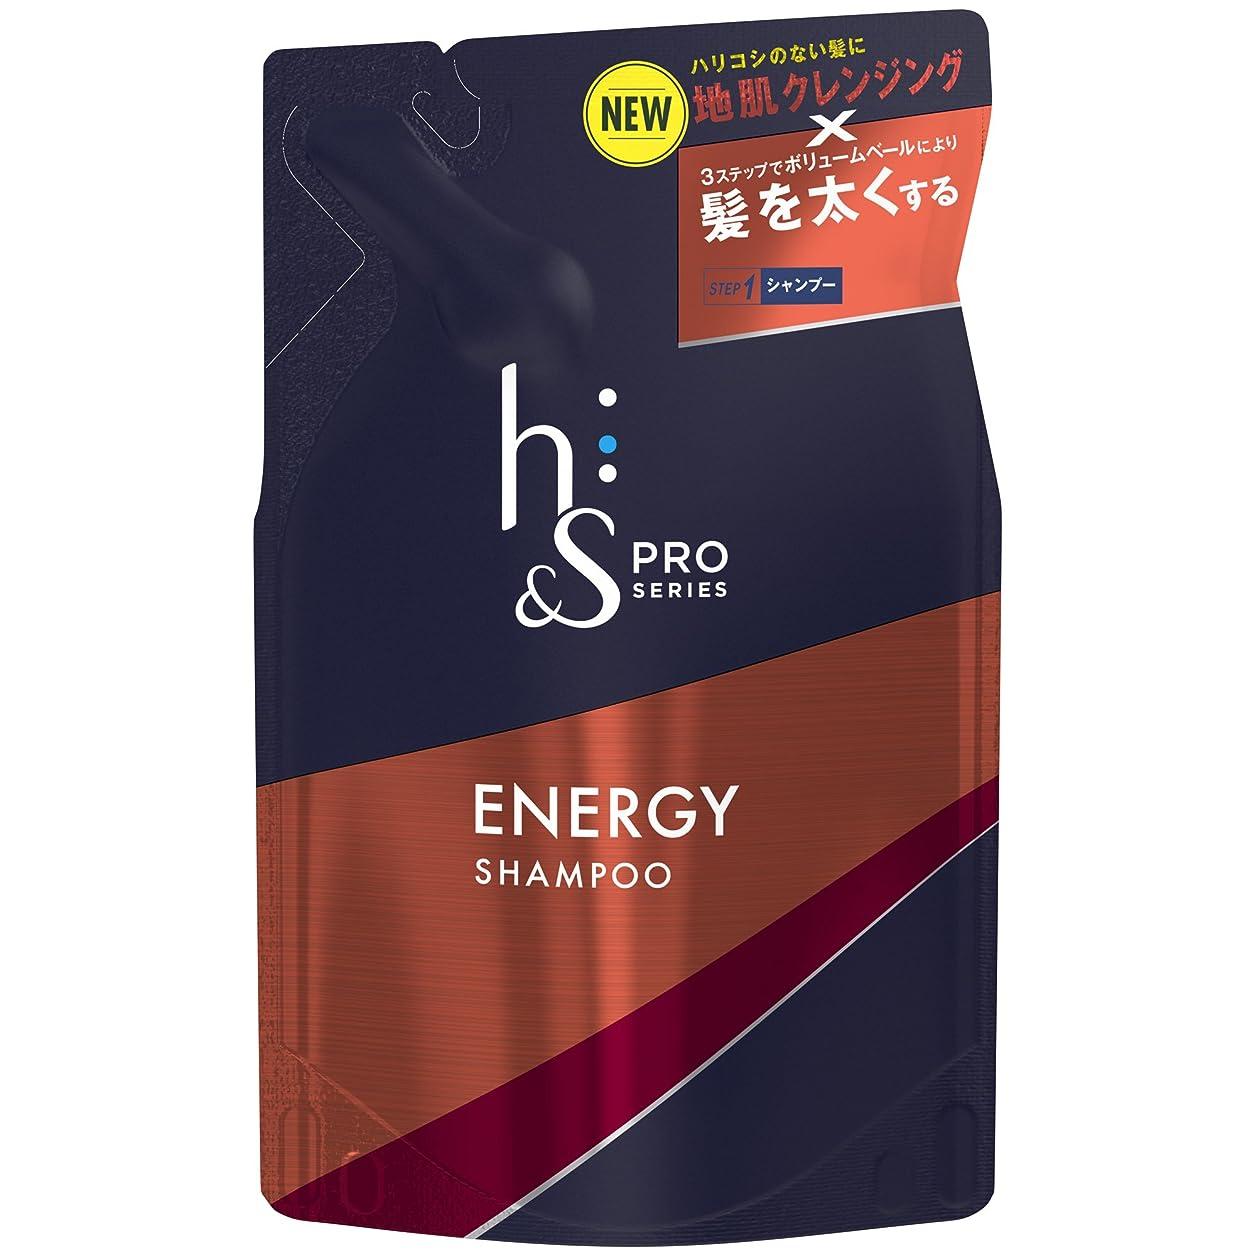 金貸し買い物に行く地雷原h&s シャンプー PRO Series エナジー 詰め替え 300mL